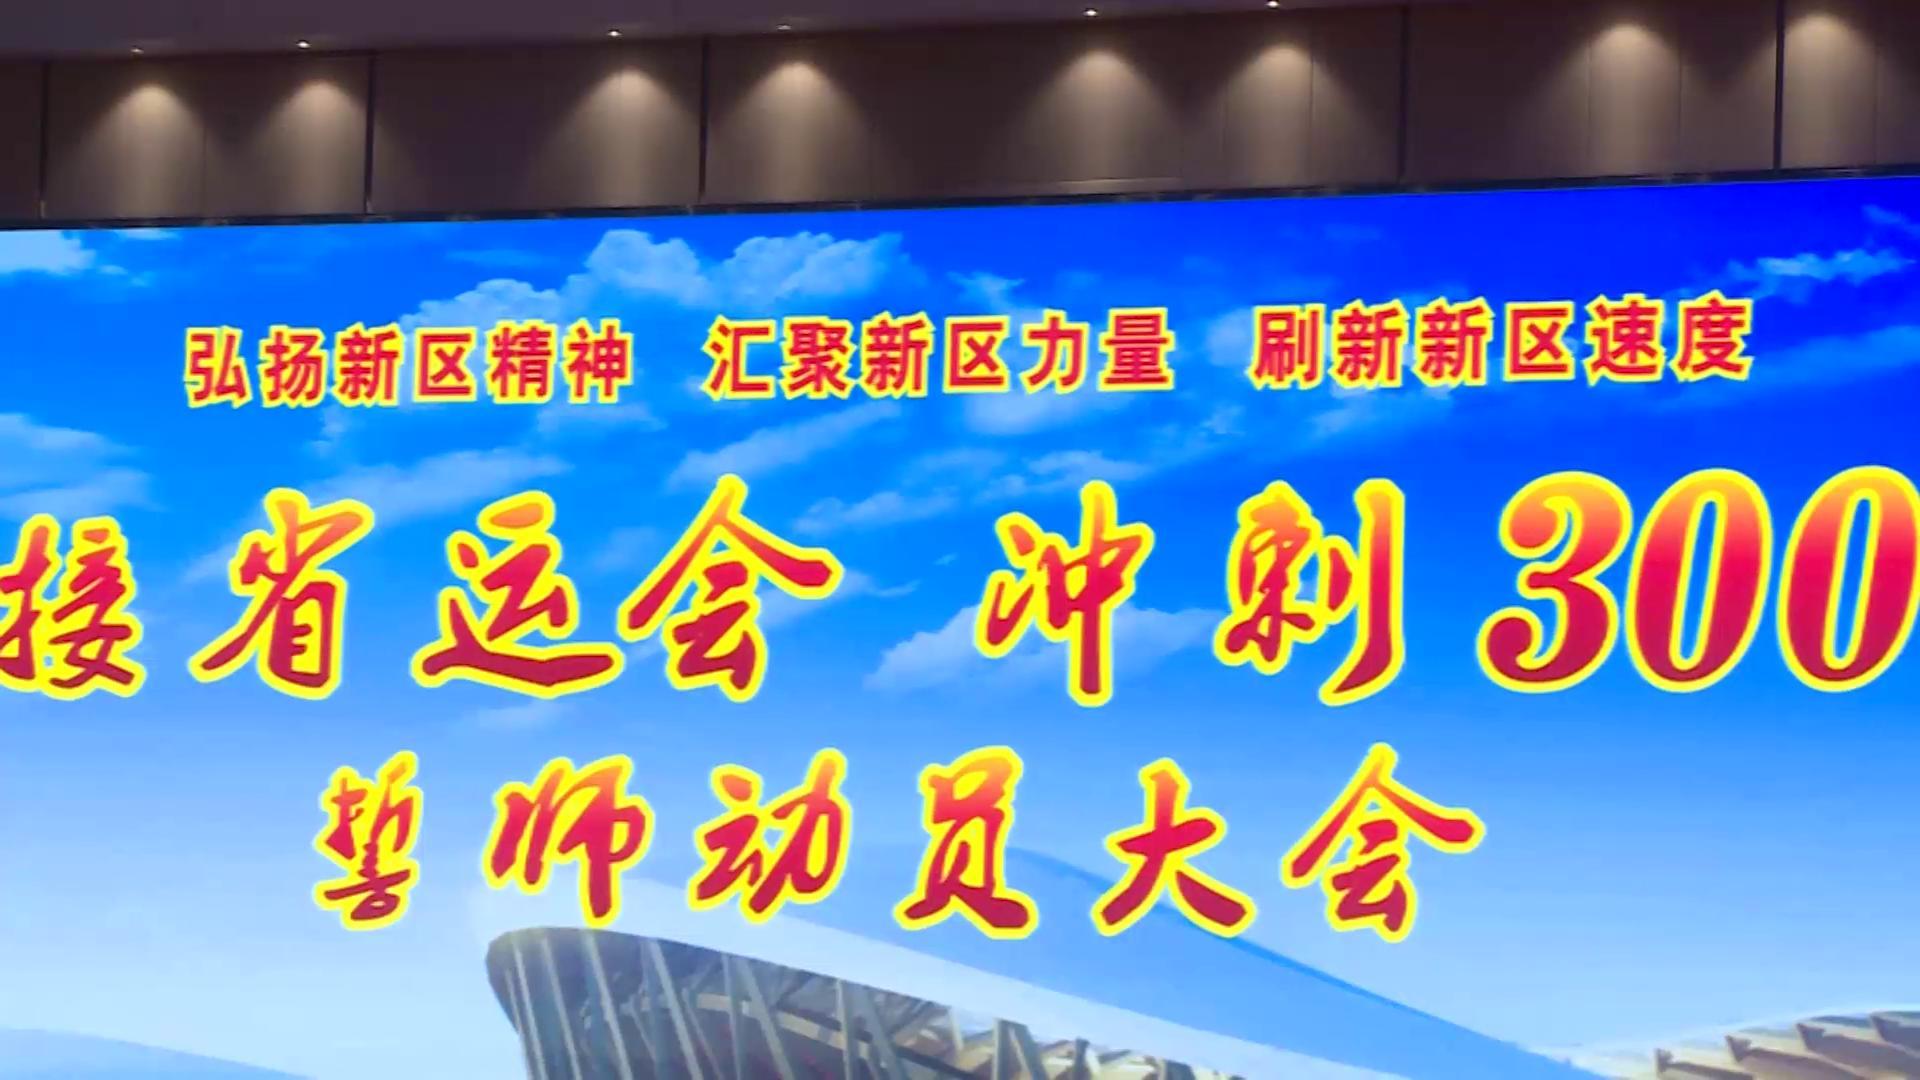 肇庆新区举行迎接省运会冲刺300天誓师动员大会